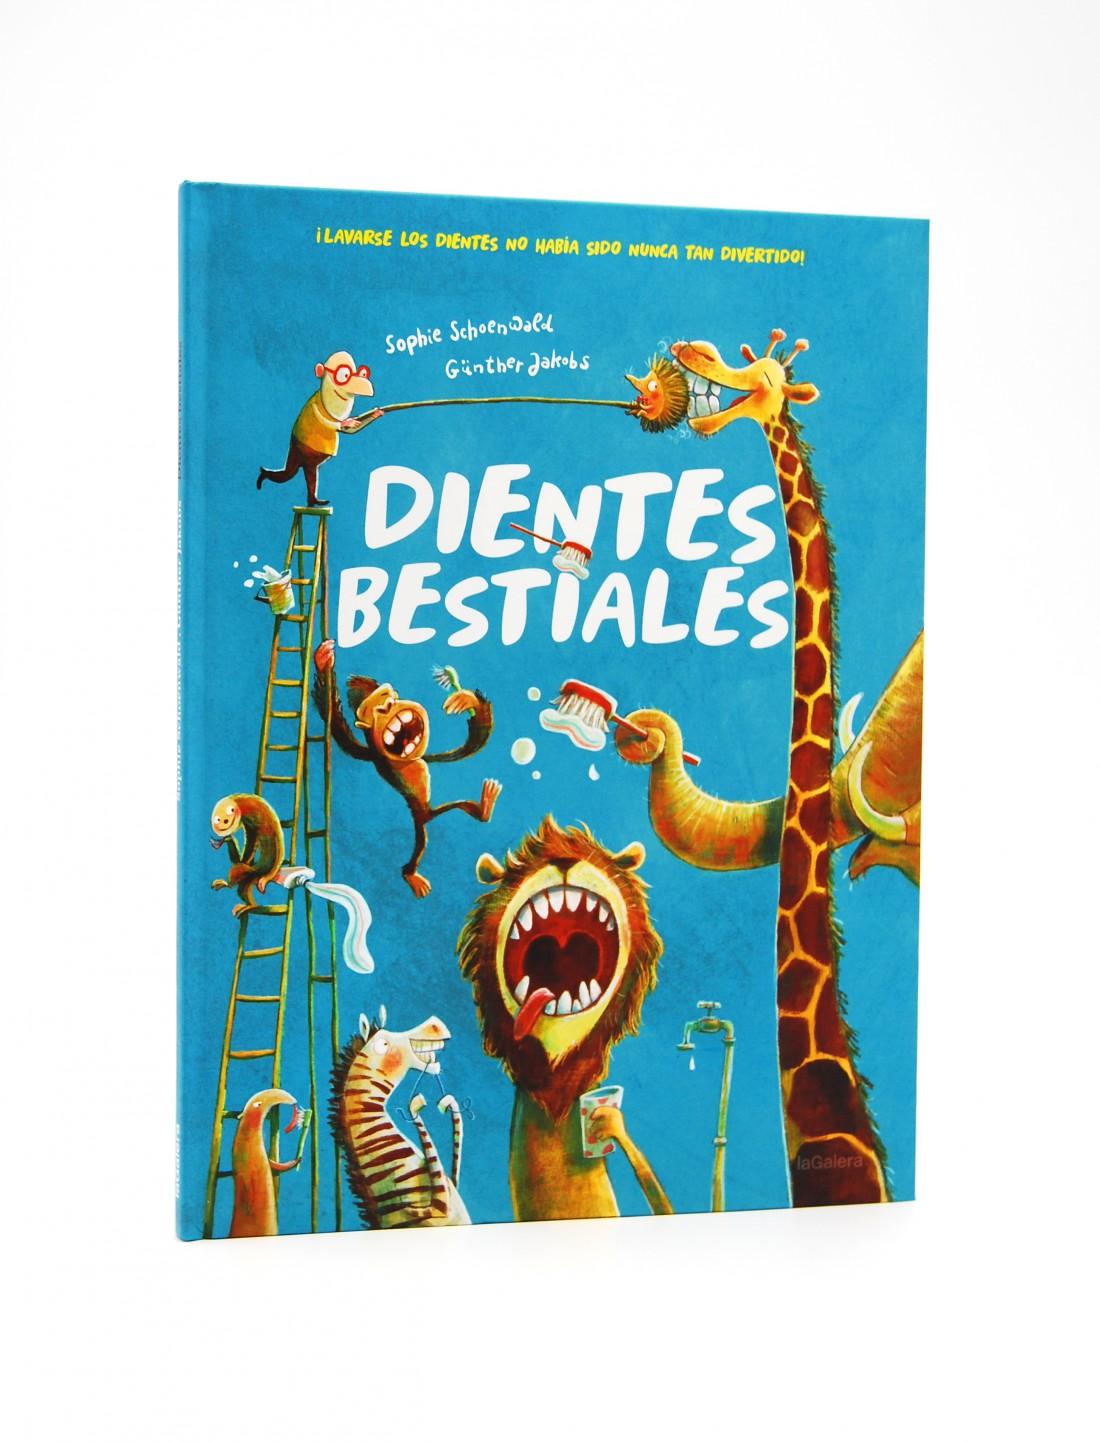 Dientes bestiales